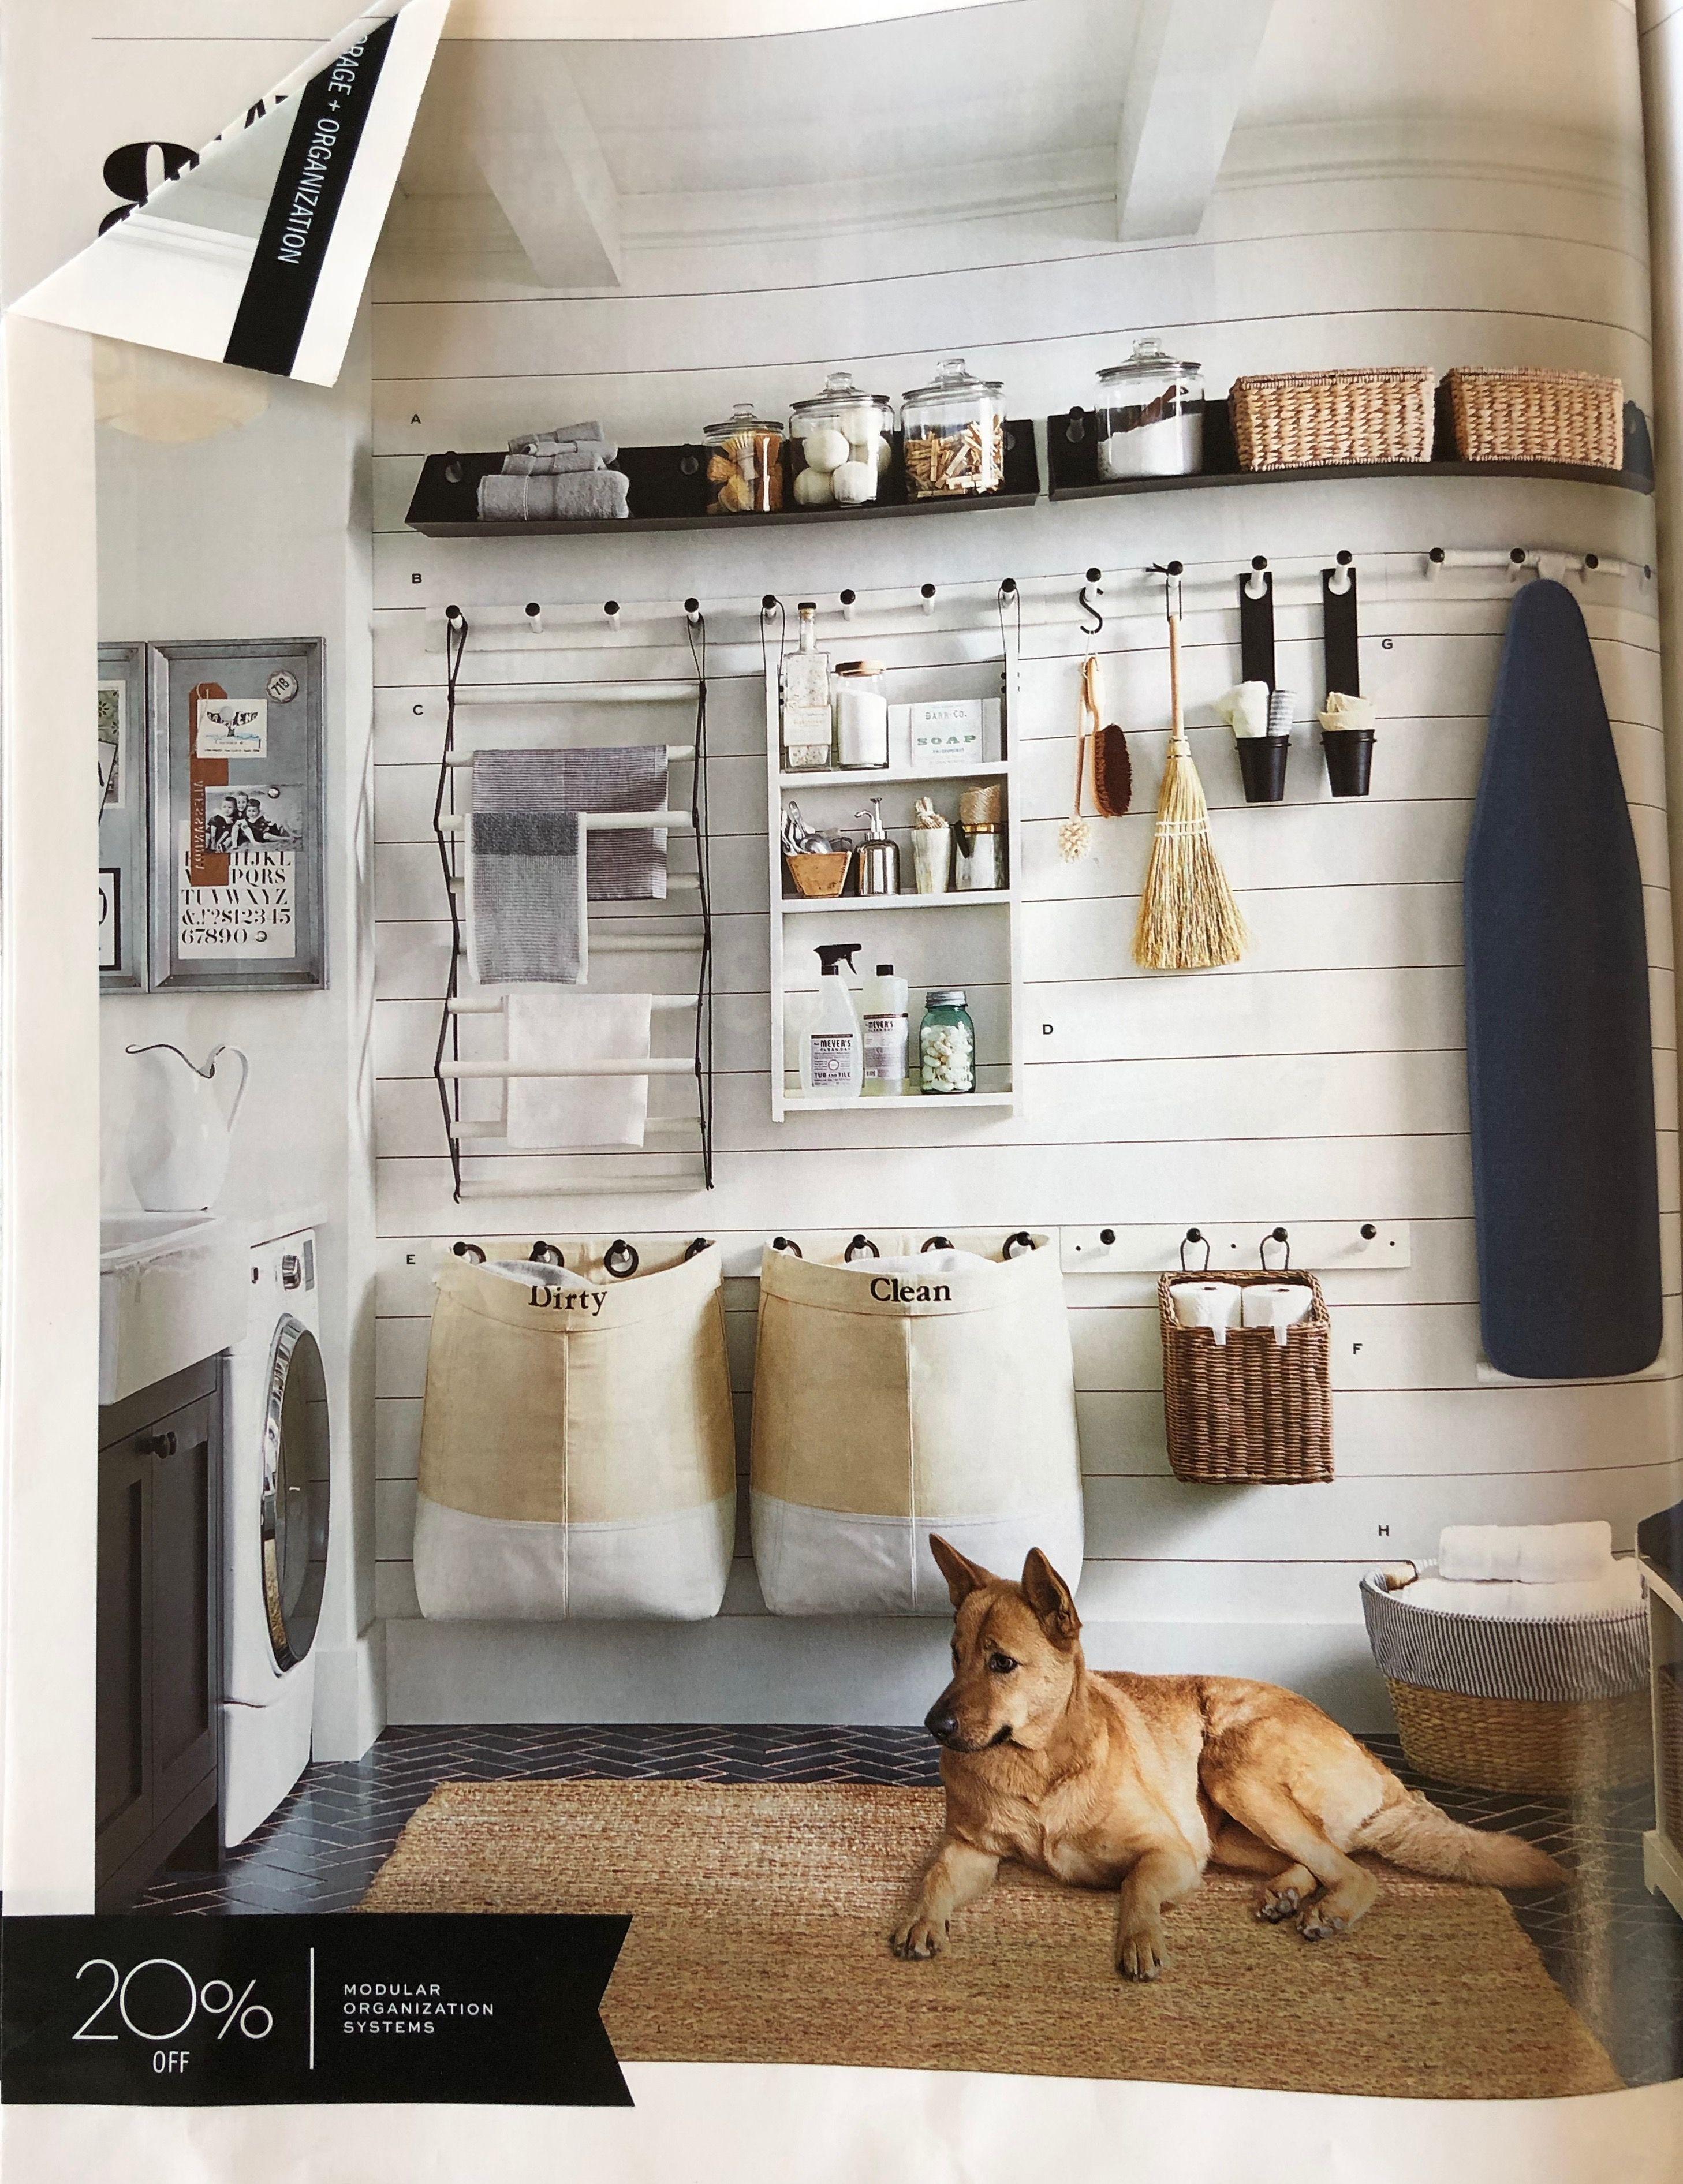 Pottery Barn Catalog Dream Laundry Room Home Decor Pottery Barn